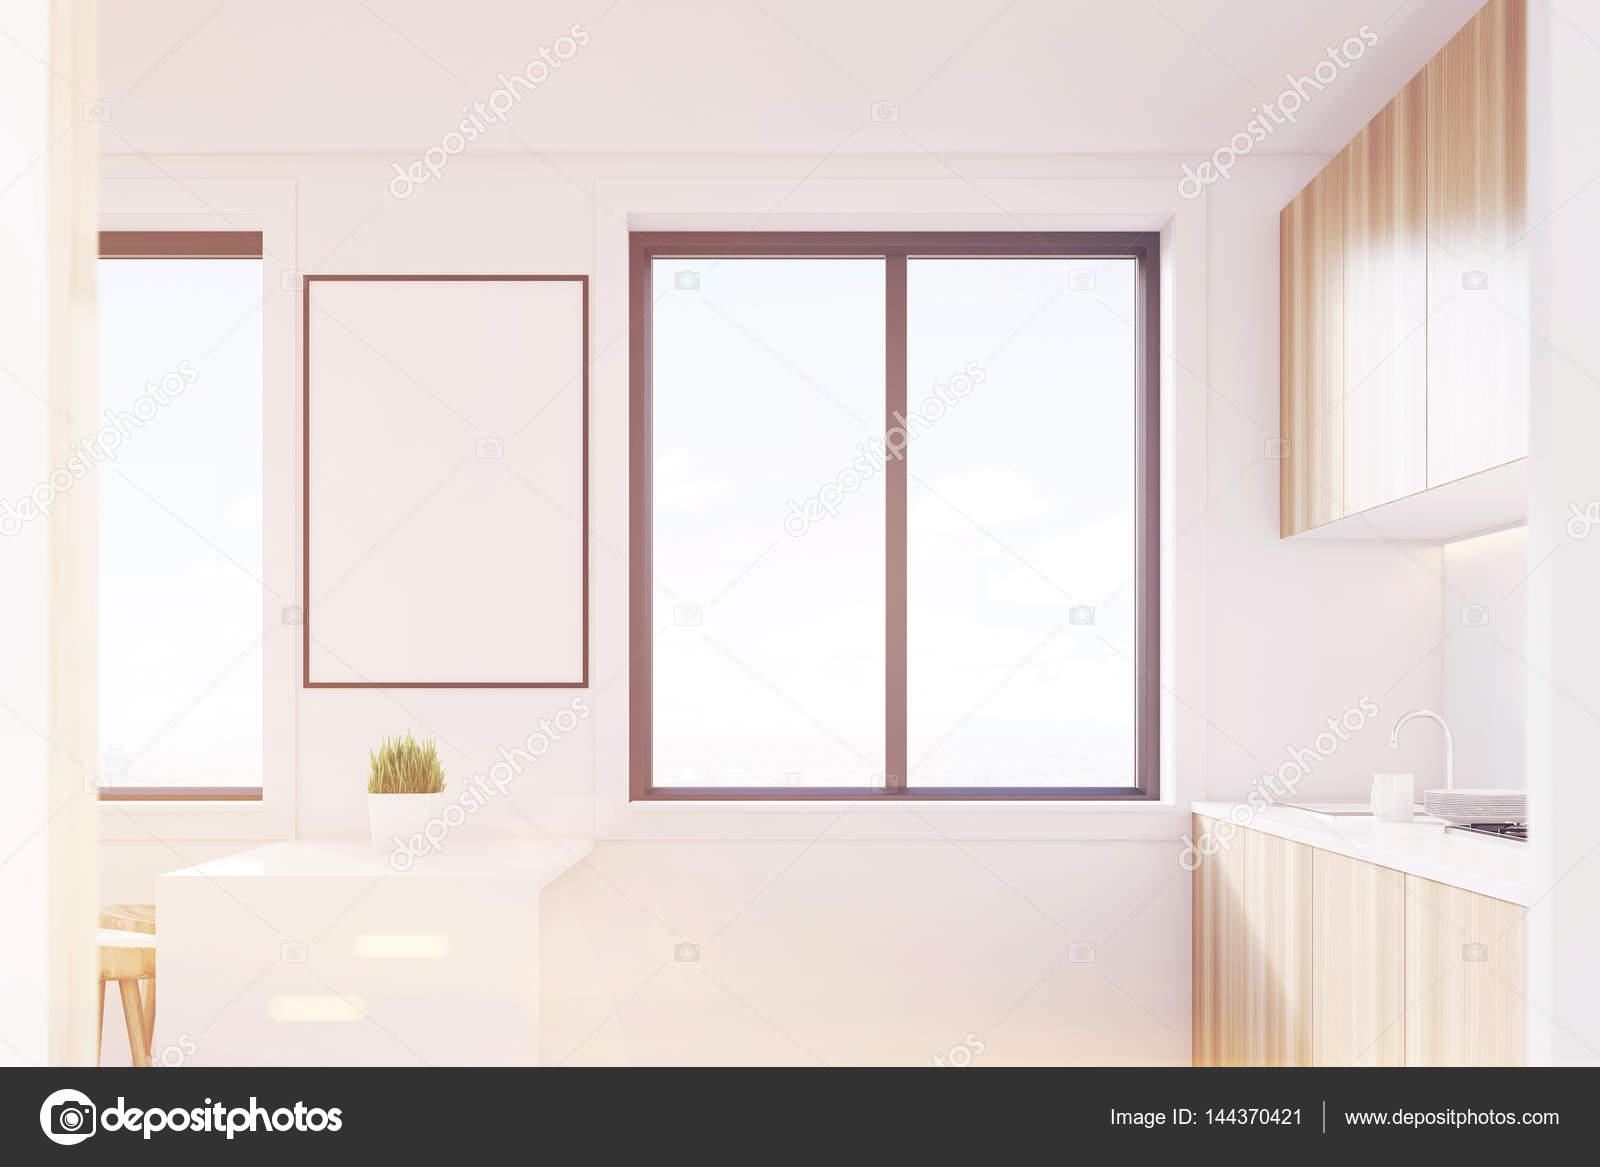 light kitchen table cement sink 侧视图 轻木厨房室内色调 图库照片 c denisismagilov 144370421 用一张桌子 两个凳子和台面的轻木厨房室内的侧面图 与它们之间挂着一张海报的大窗户 3d 渲染 小样 色调图像